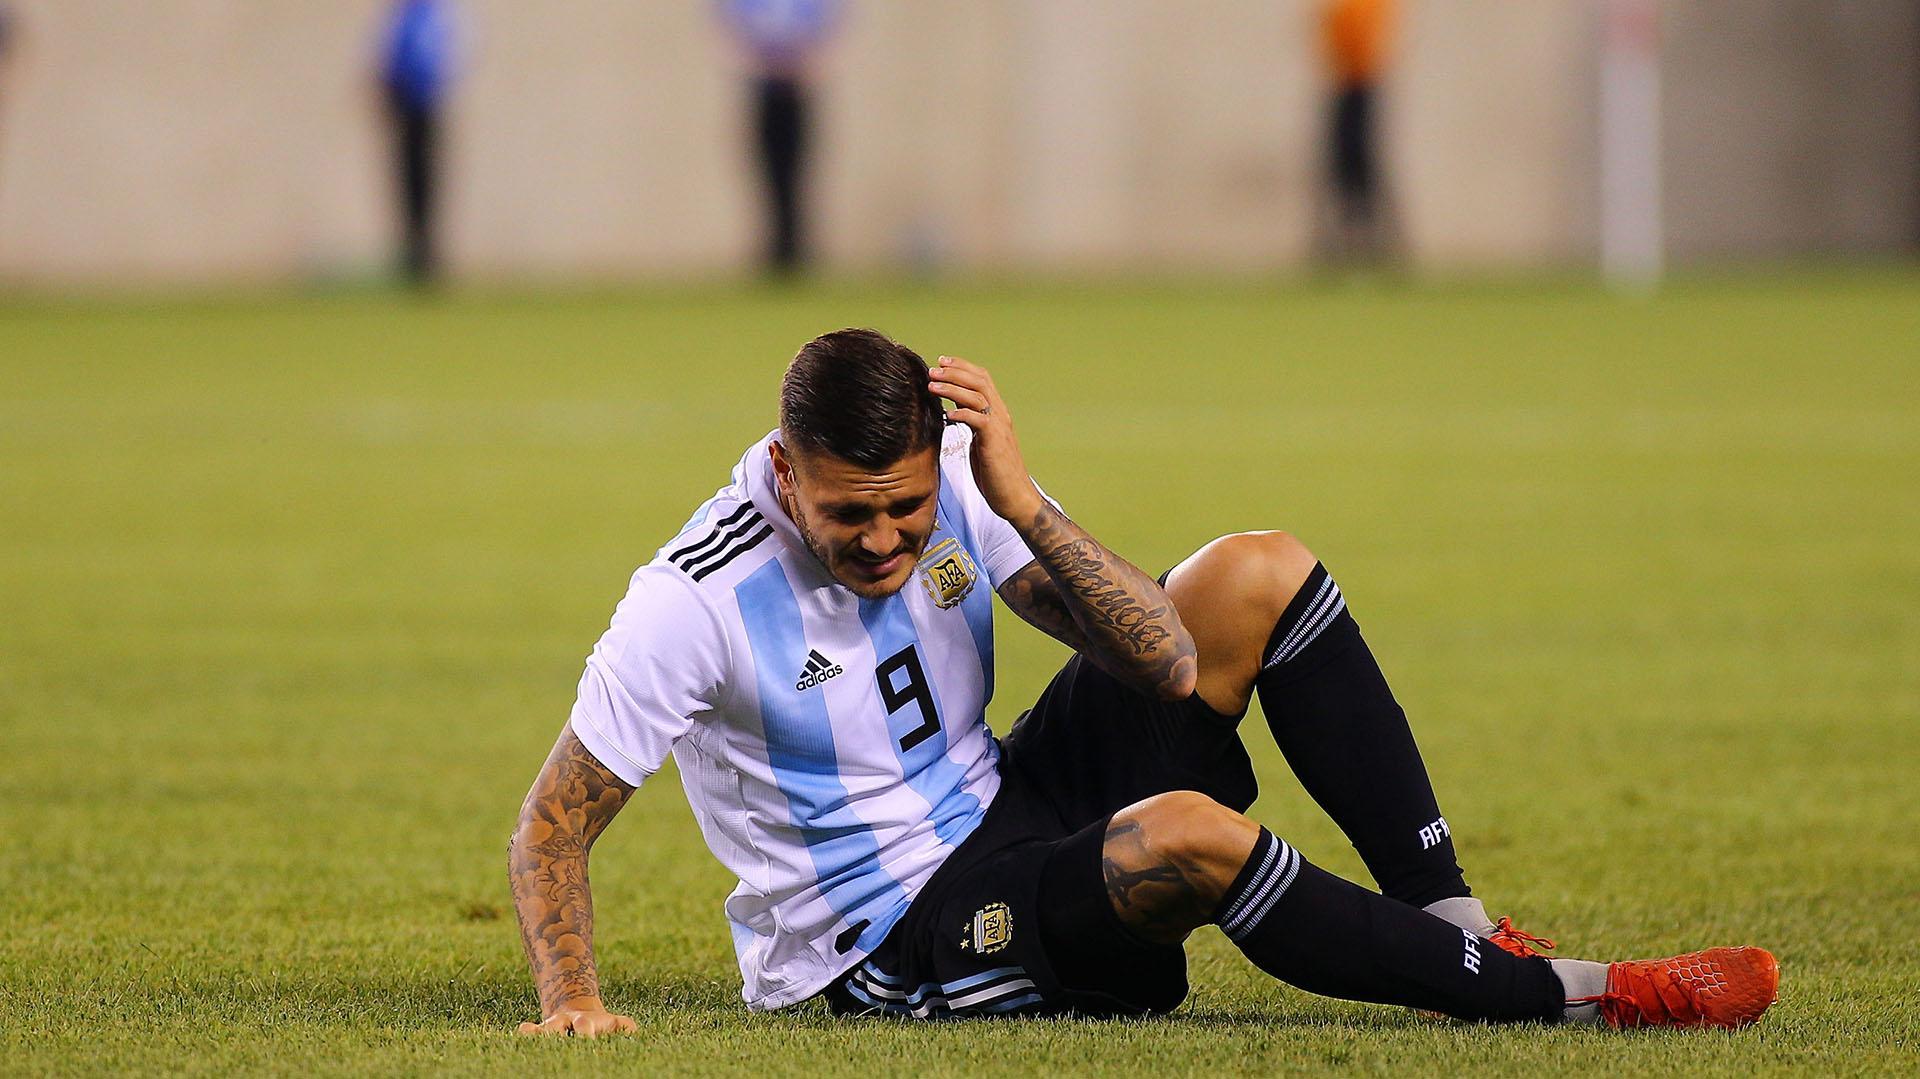 Icardi quedaría afuera de la Selección por su conflicto con el Inter (Fotobaires)